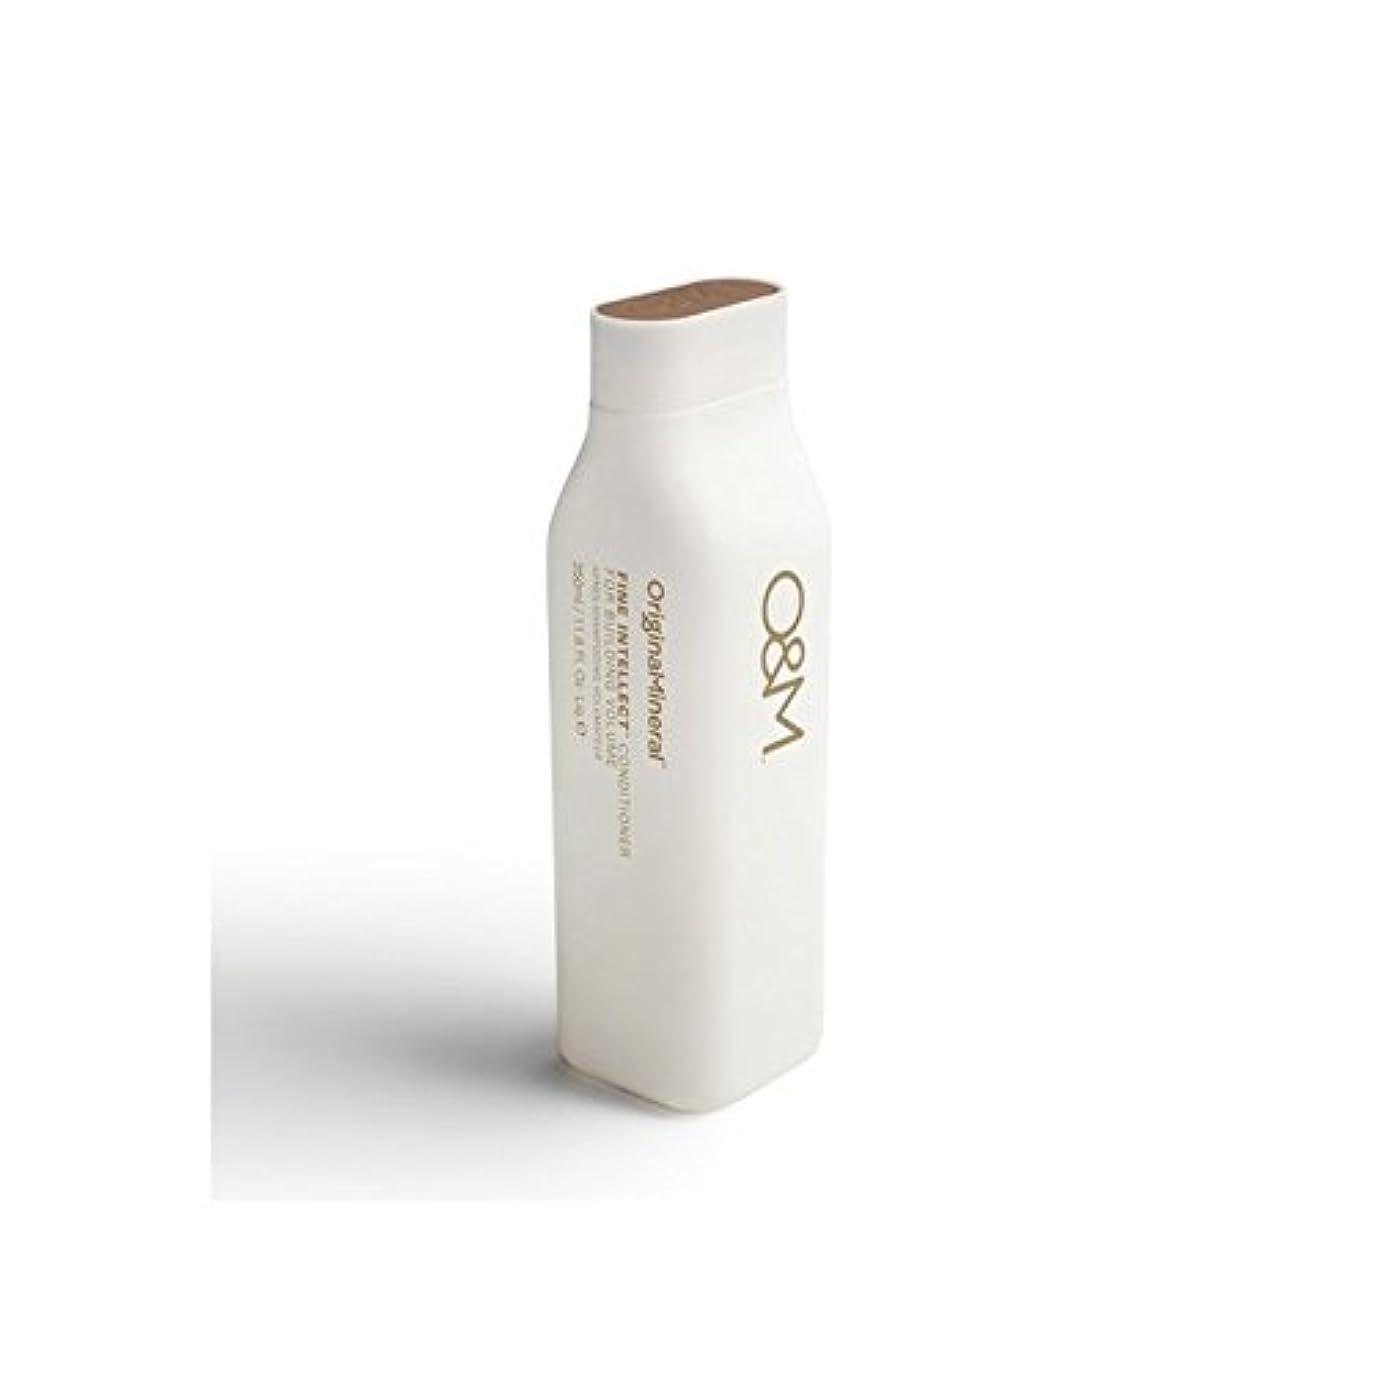 置き場ベルテロOriginal & Mineral Fine Intellect Conditioner (350ml) - オリジナル&ミネラル細かい知性コンディショナー(350ミリリットル) [並行輸入品]